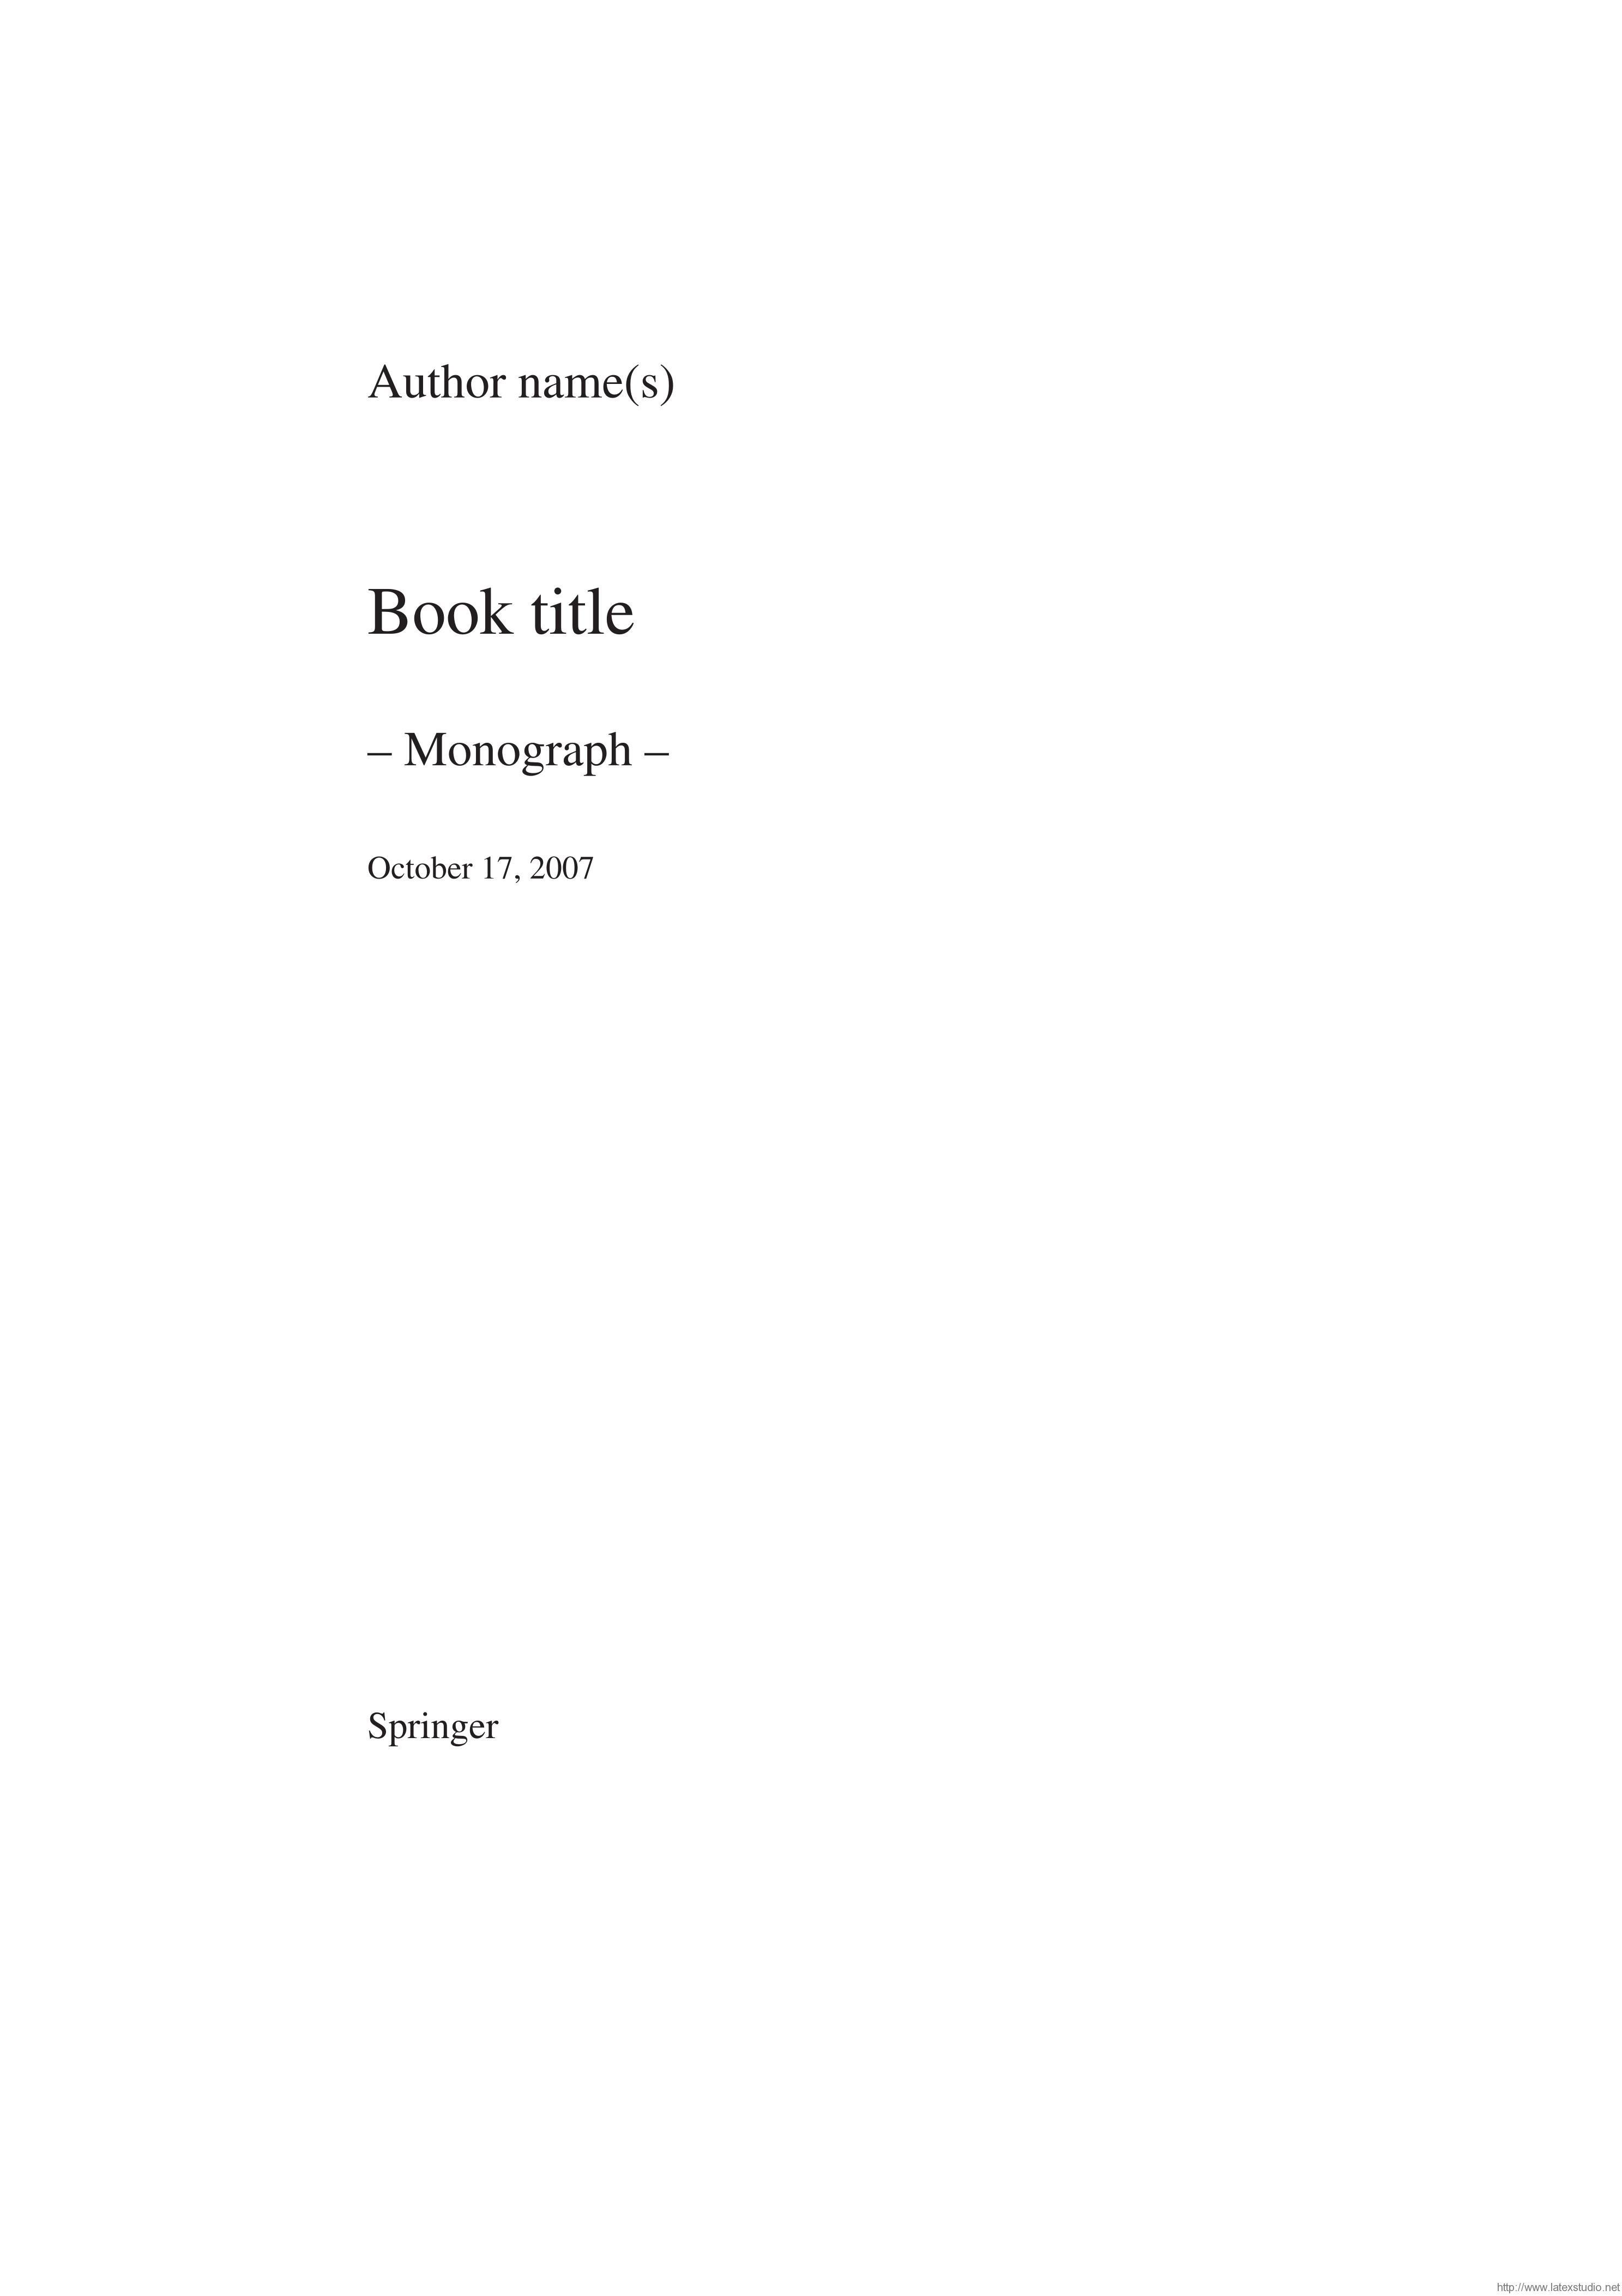 springer-book1